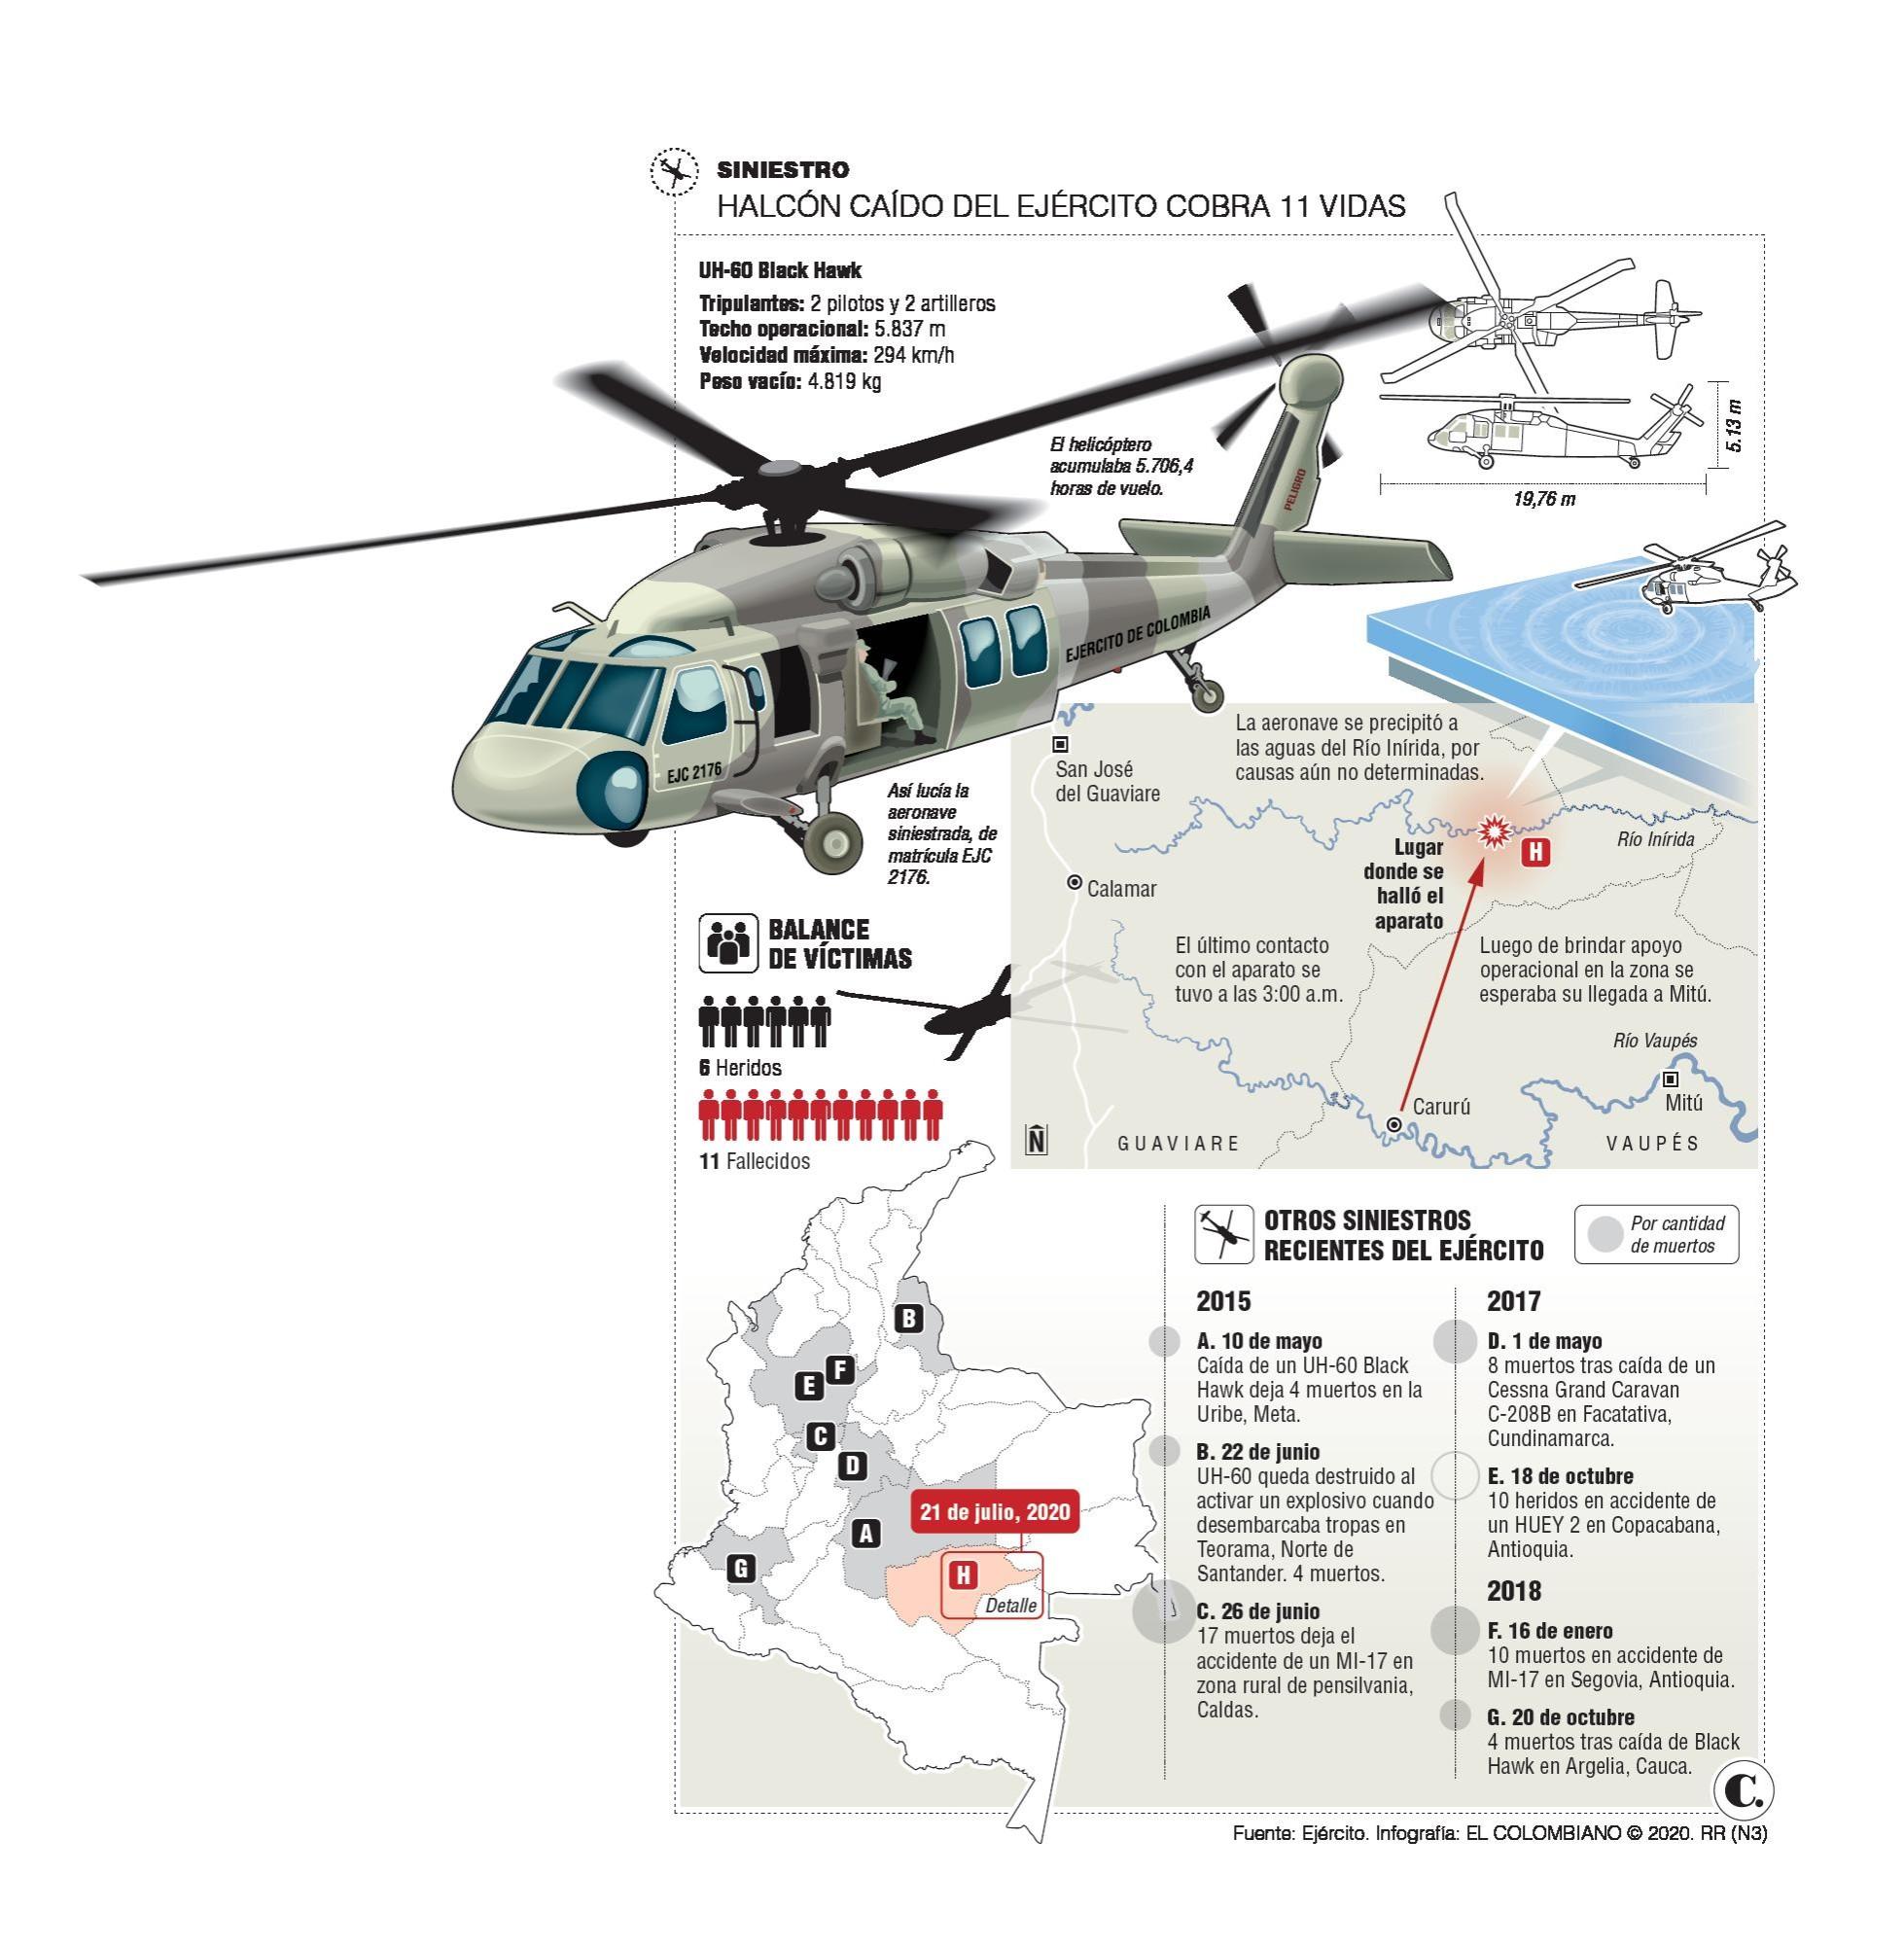 Caída de Black Hawk en Guaviare deja más dudas que respuestas